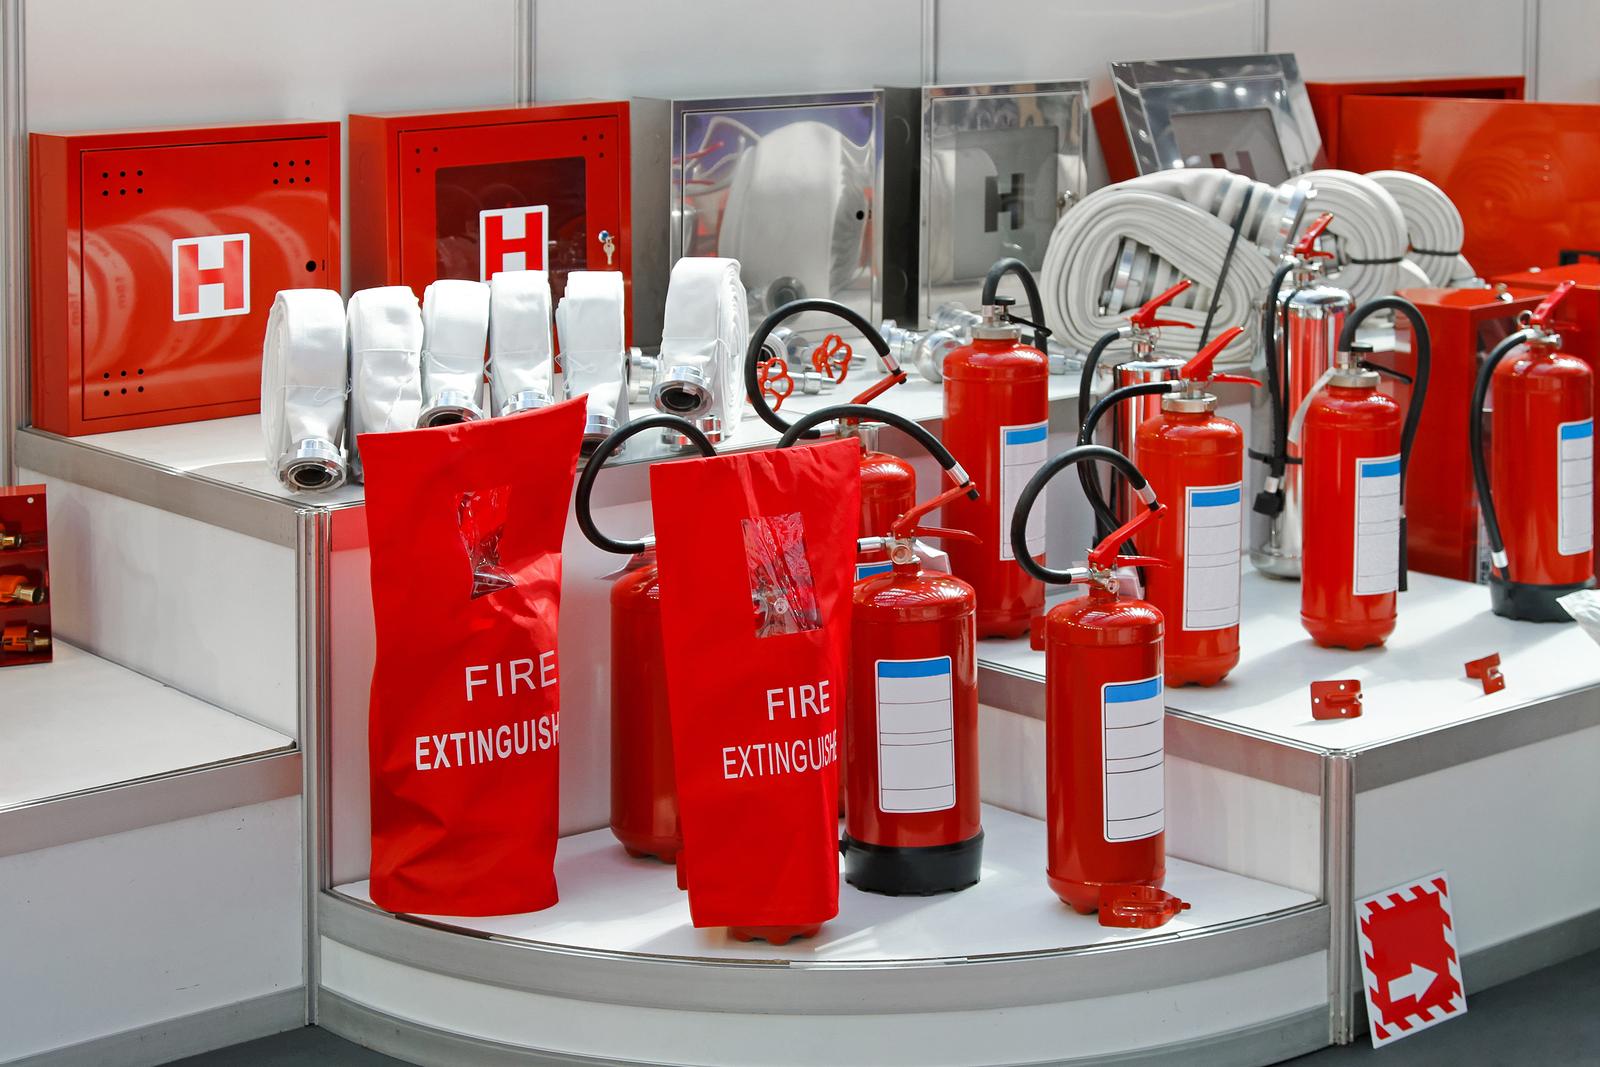 Cung cấp vòi chữa cháy giá tốt - Cuộn vòi Đức, Hàn Quốc, Trung Quốc, Việt Nam TẠI BẮC NINH